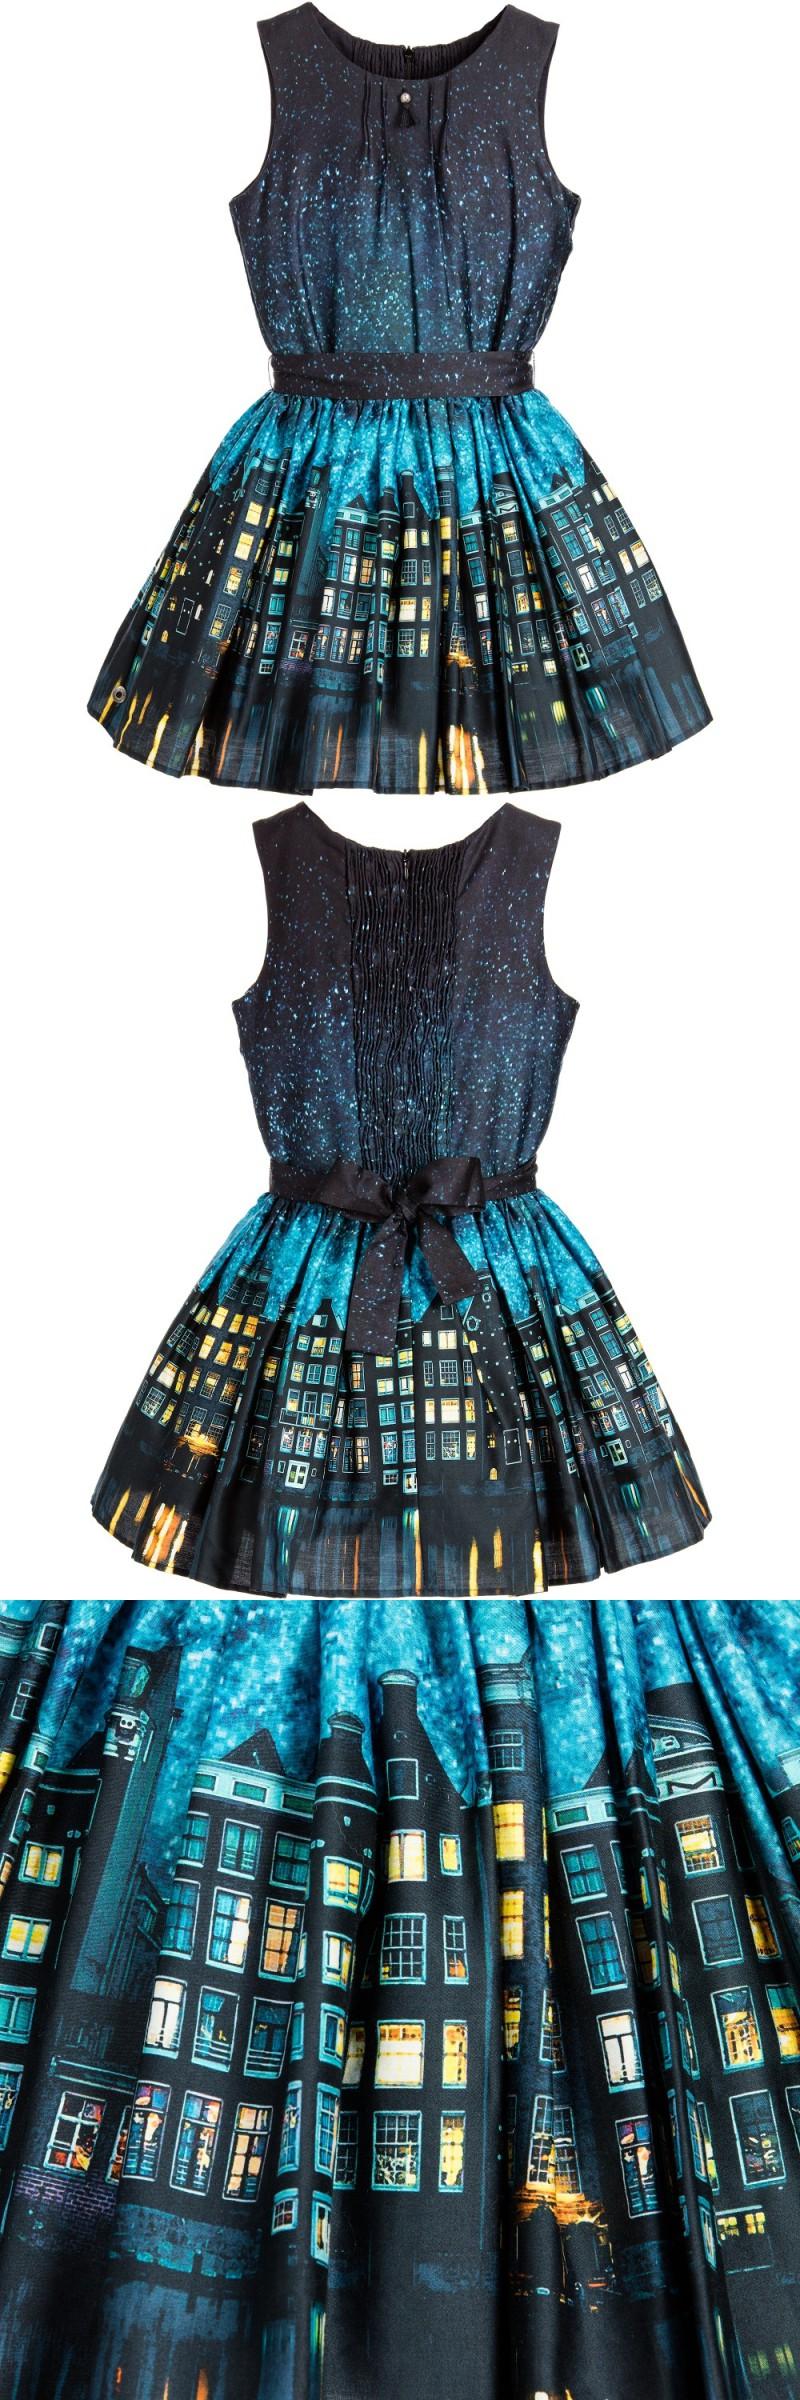 Girls Dress Sleeveless Blue & Yellow Cotton Houses Print Kids Summer ...